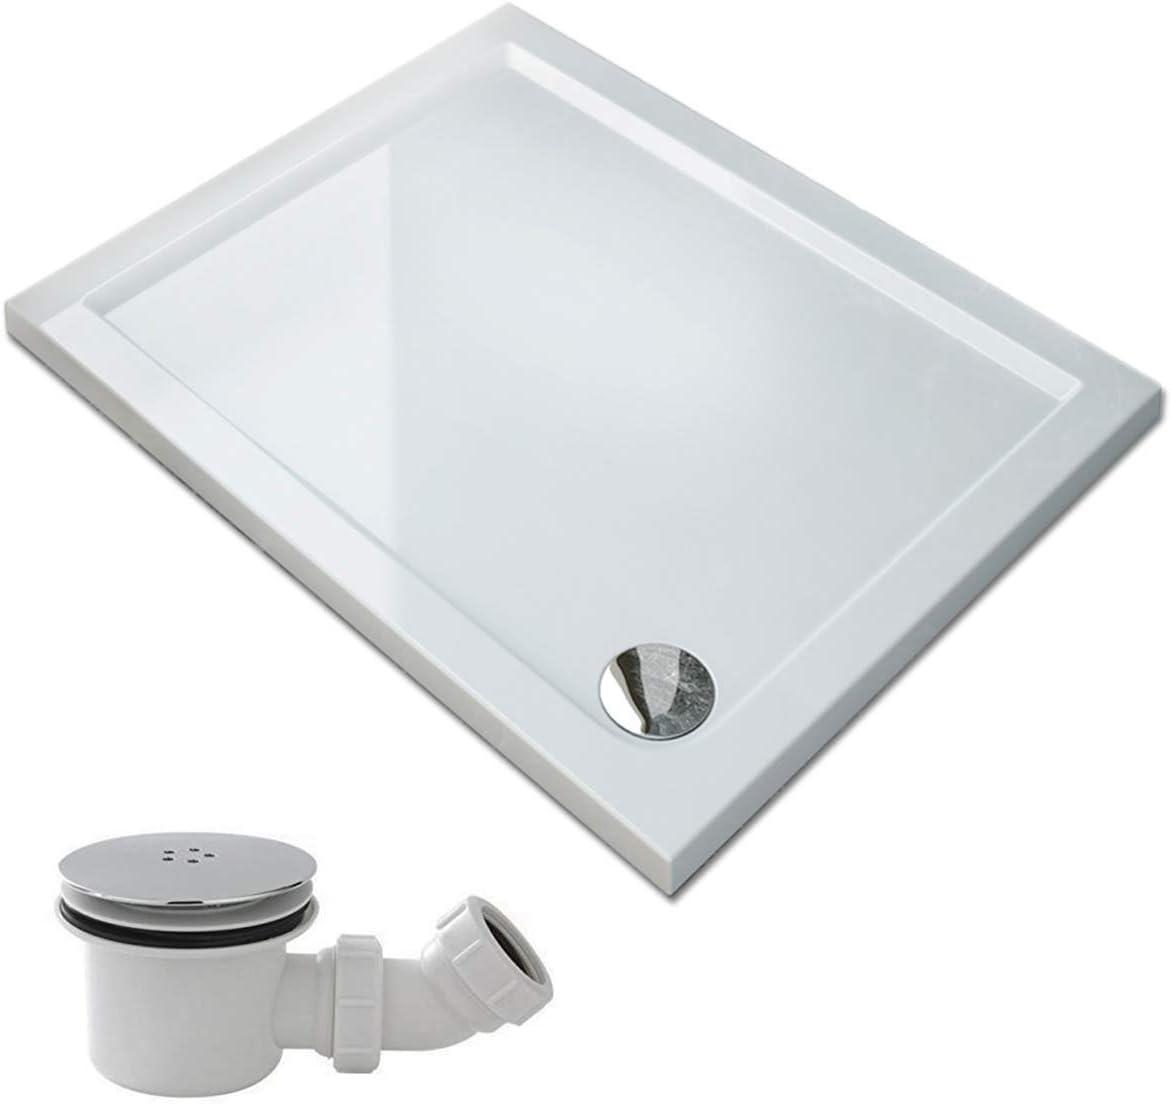 SIRHONA Receveur de douche carr/ée 76 x 76 cm bac /à douche avec bonde de douche